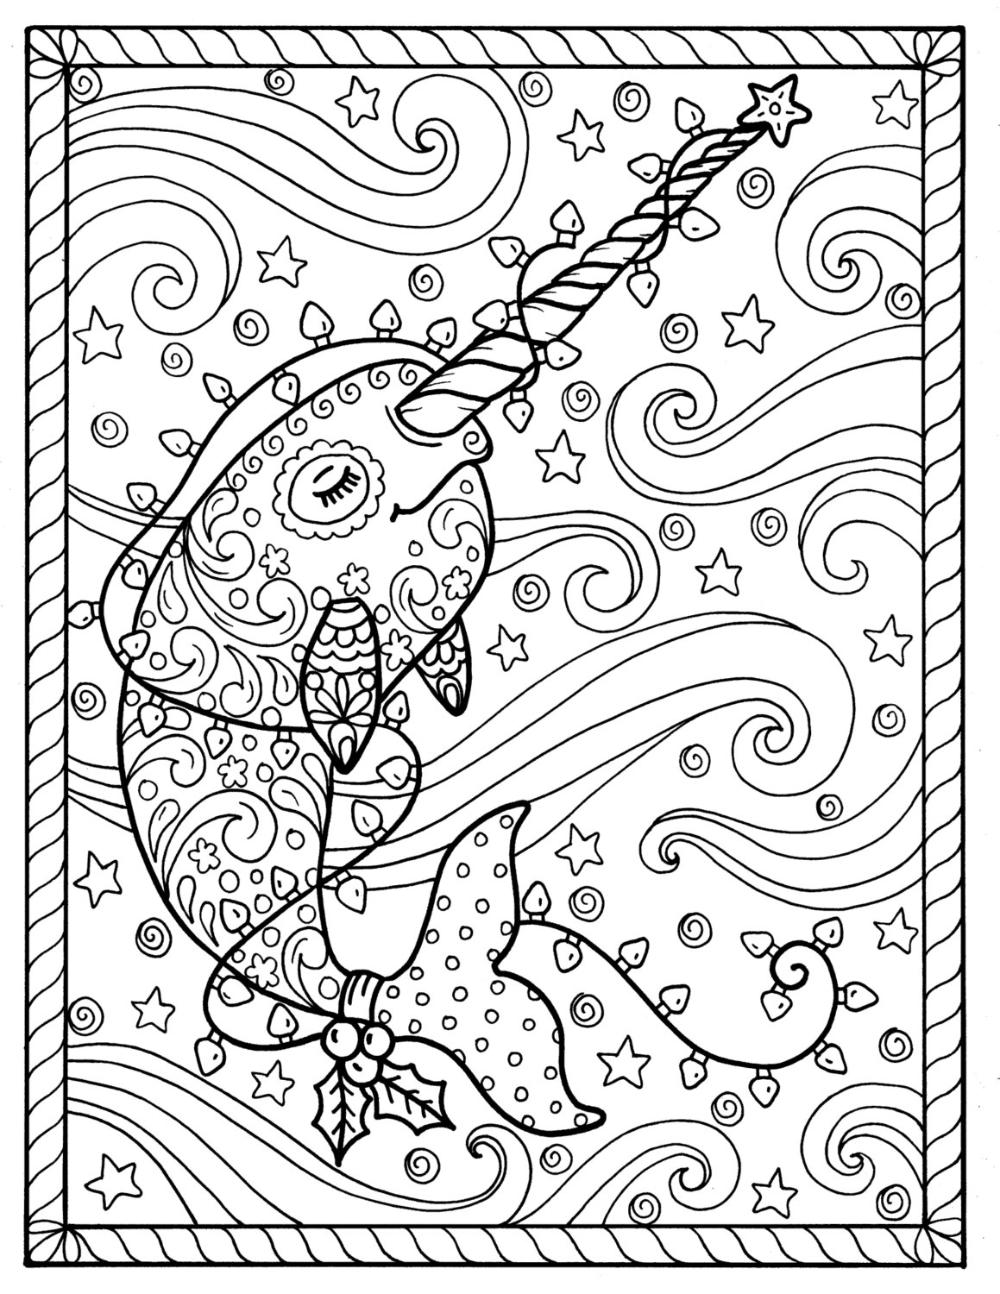 narwal kerst kleurplaten pagina s volwassen kleurboeken